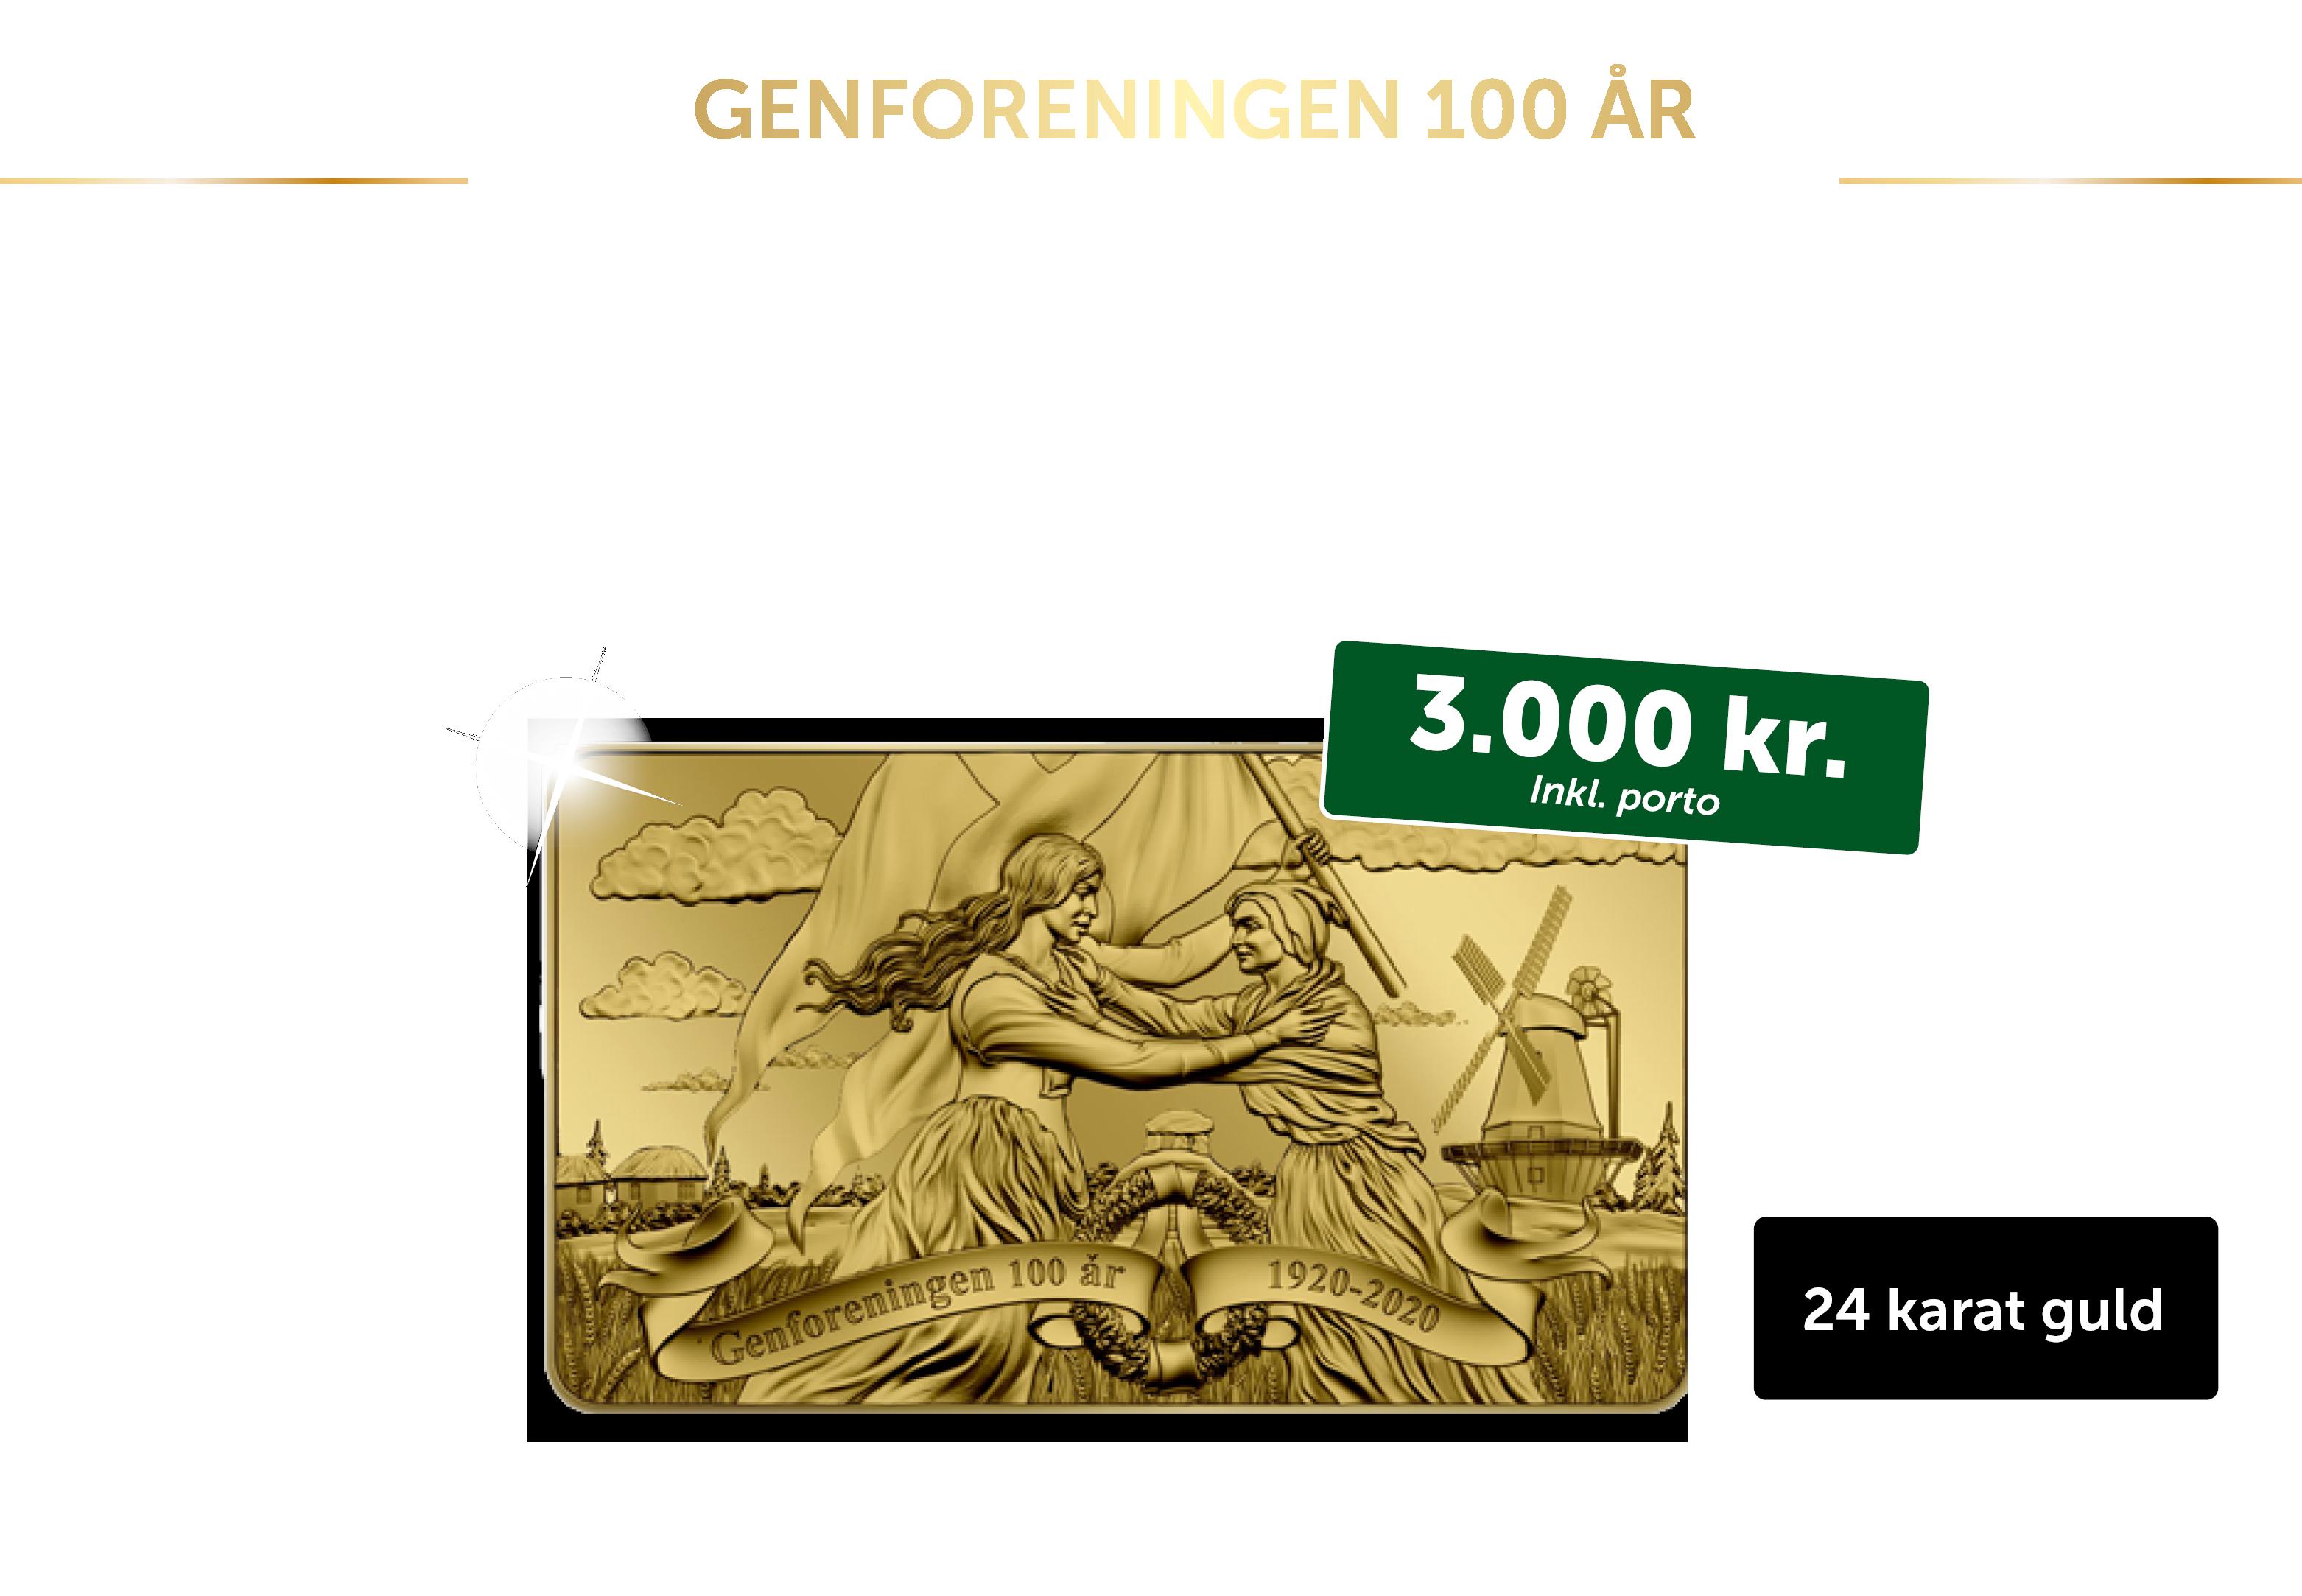 Genforeningen 100 år guldbarre 2,5 gram